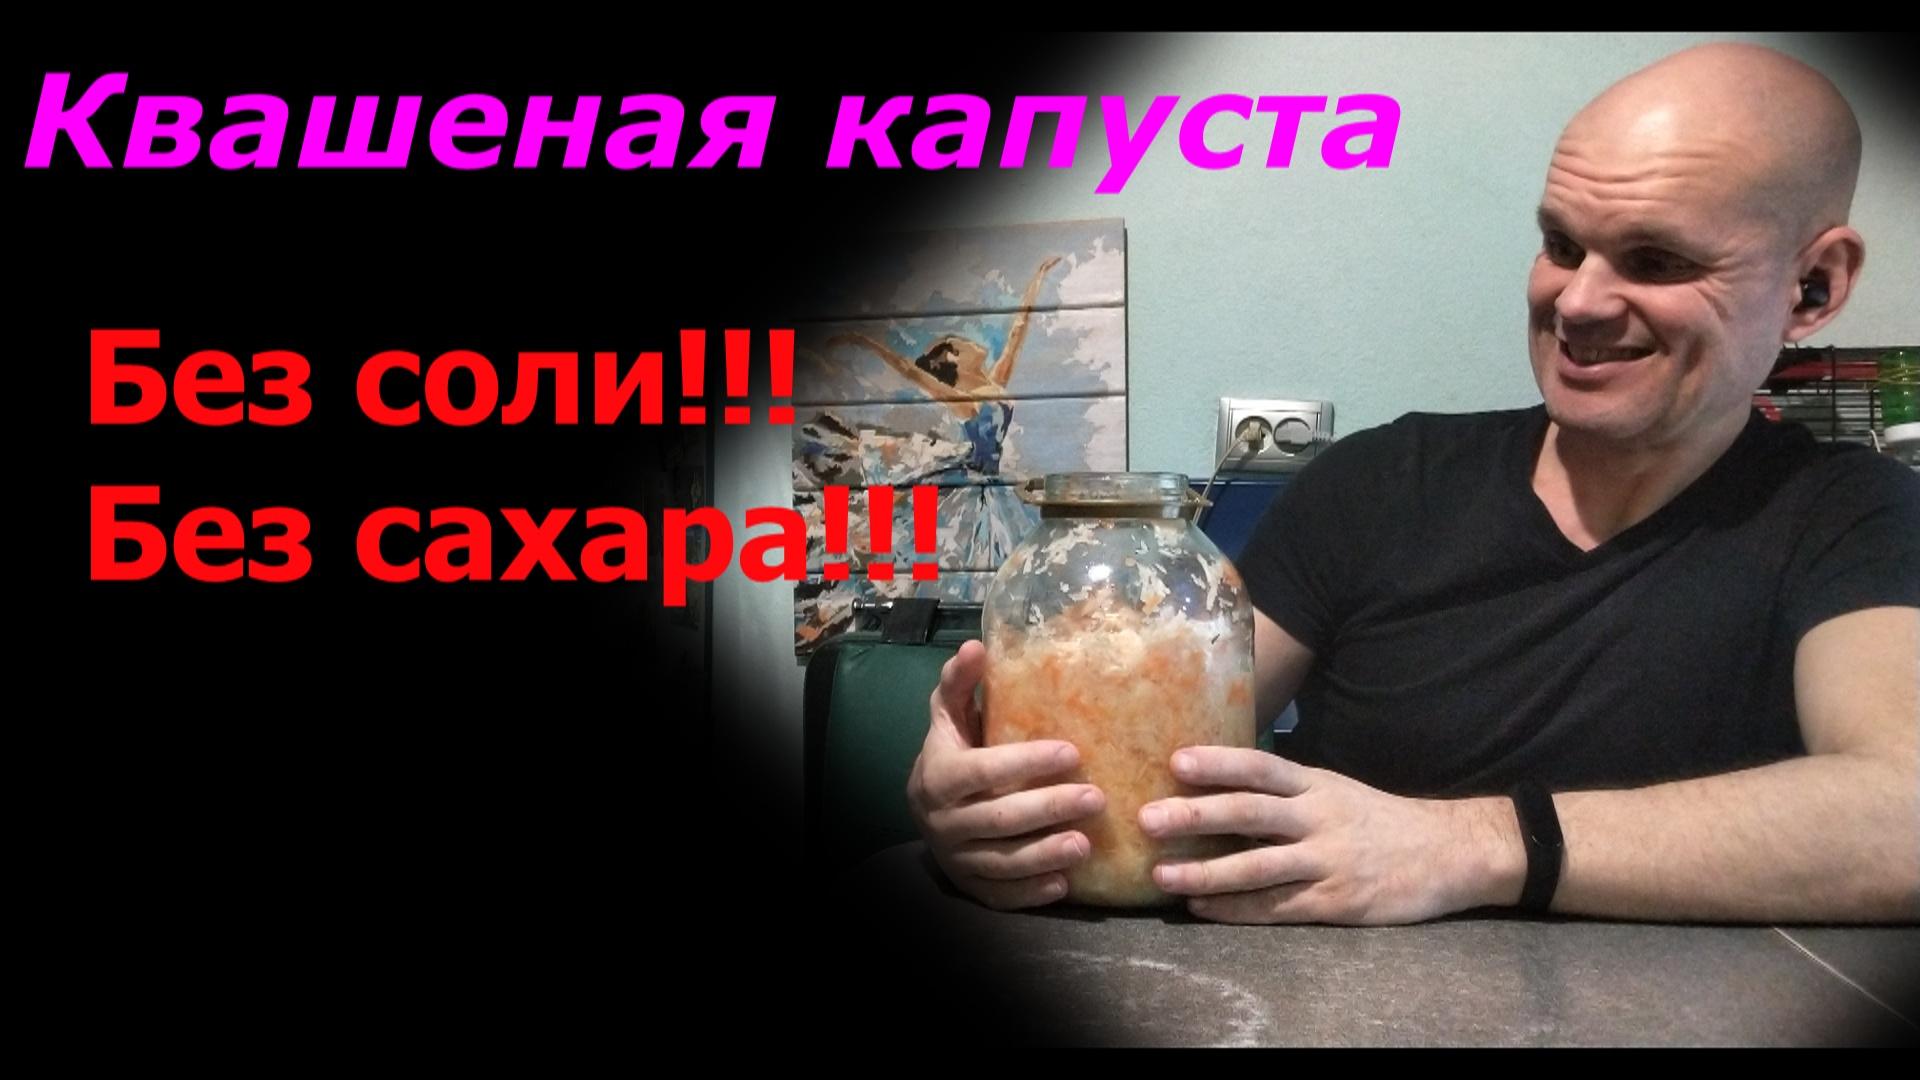 Квашеная капуста без соли без сахара